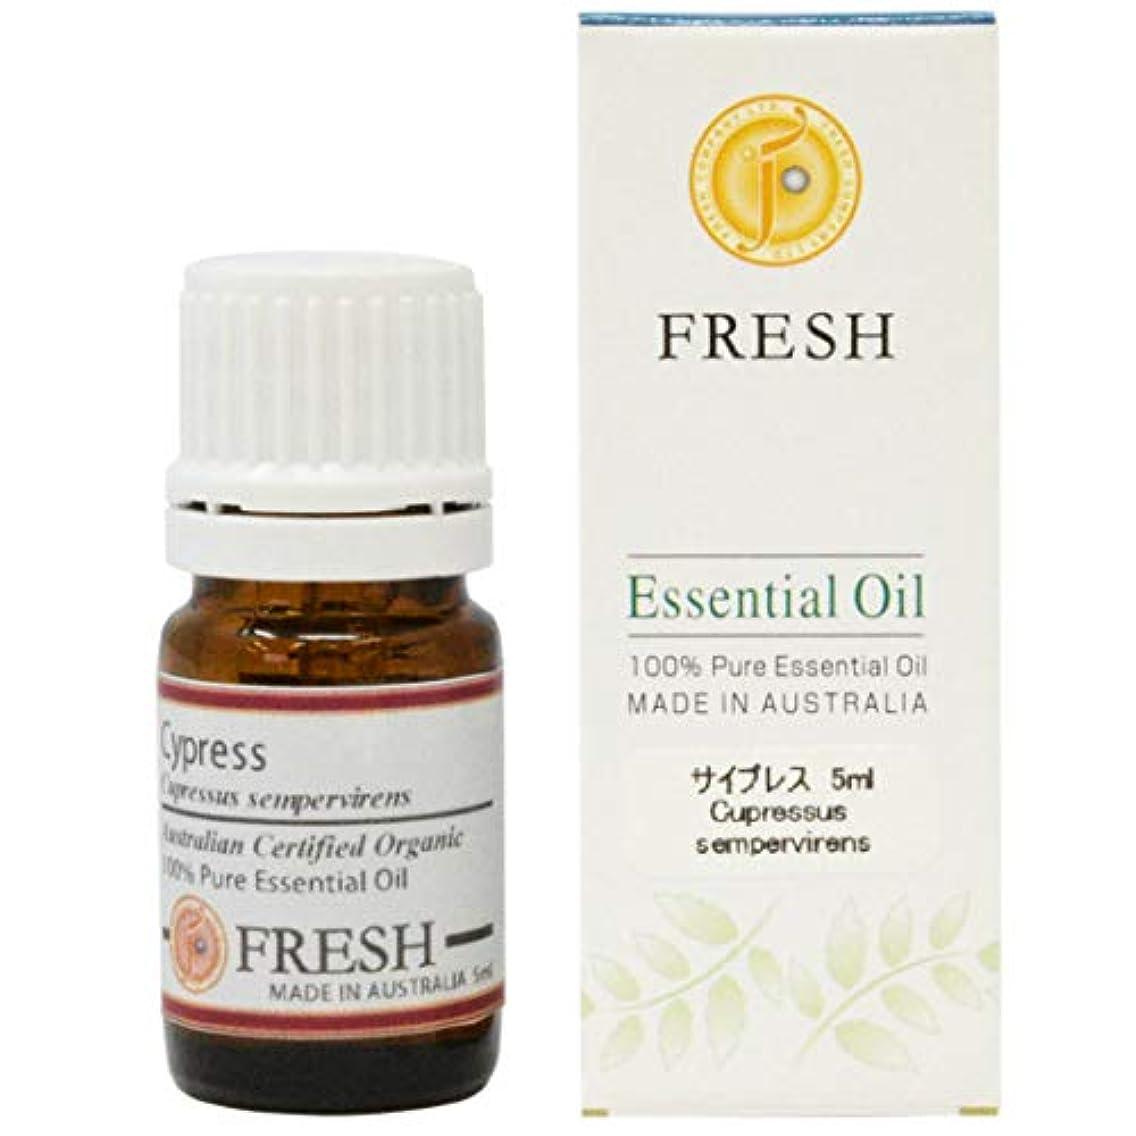 インレイあたり味わうFRESH オーガニック エッセンシャルオイル サイプレス 5ml (FRESH 精油)